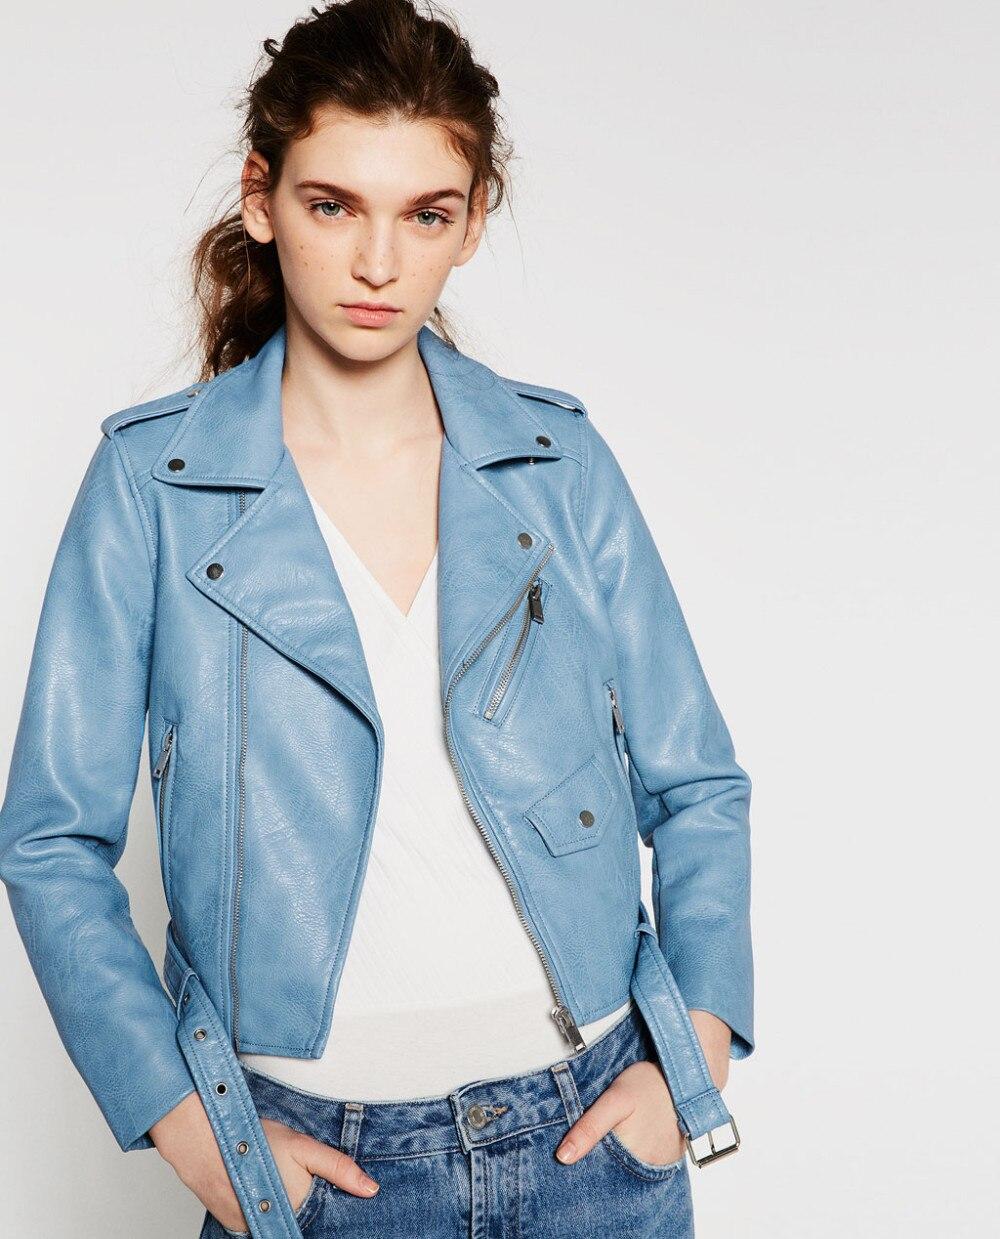 Vrouwen Leren Jas 2018 Nieuwe Mode HerfstWinter vrouwen